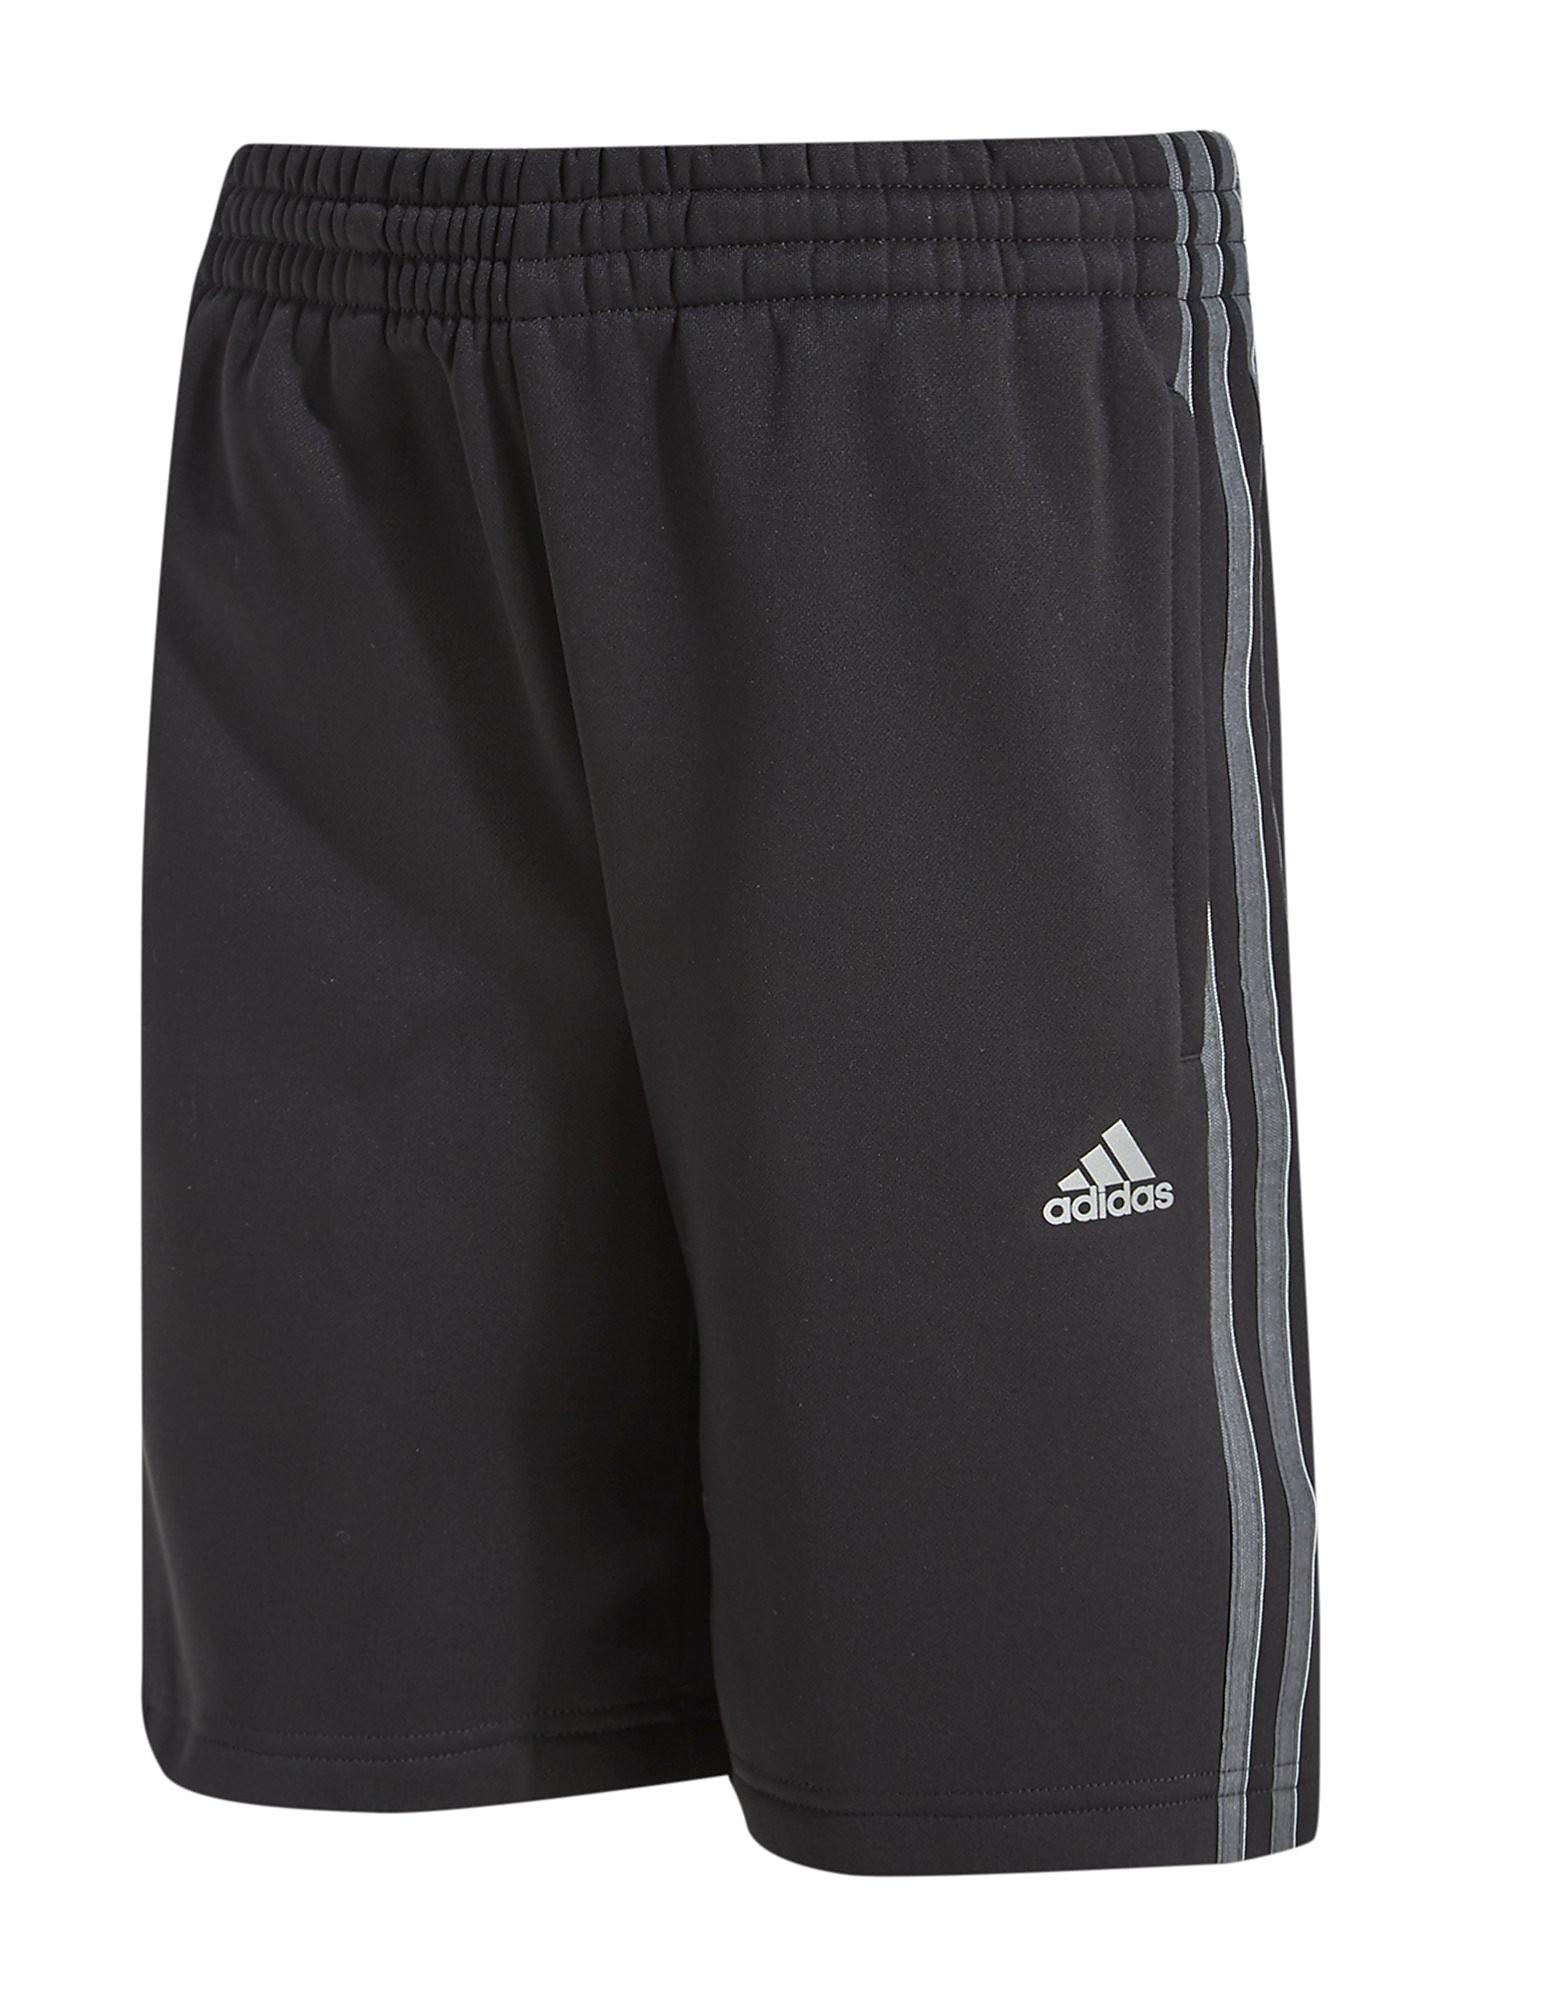 adidas Reflective Shorts Junior